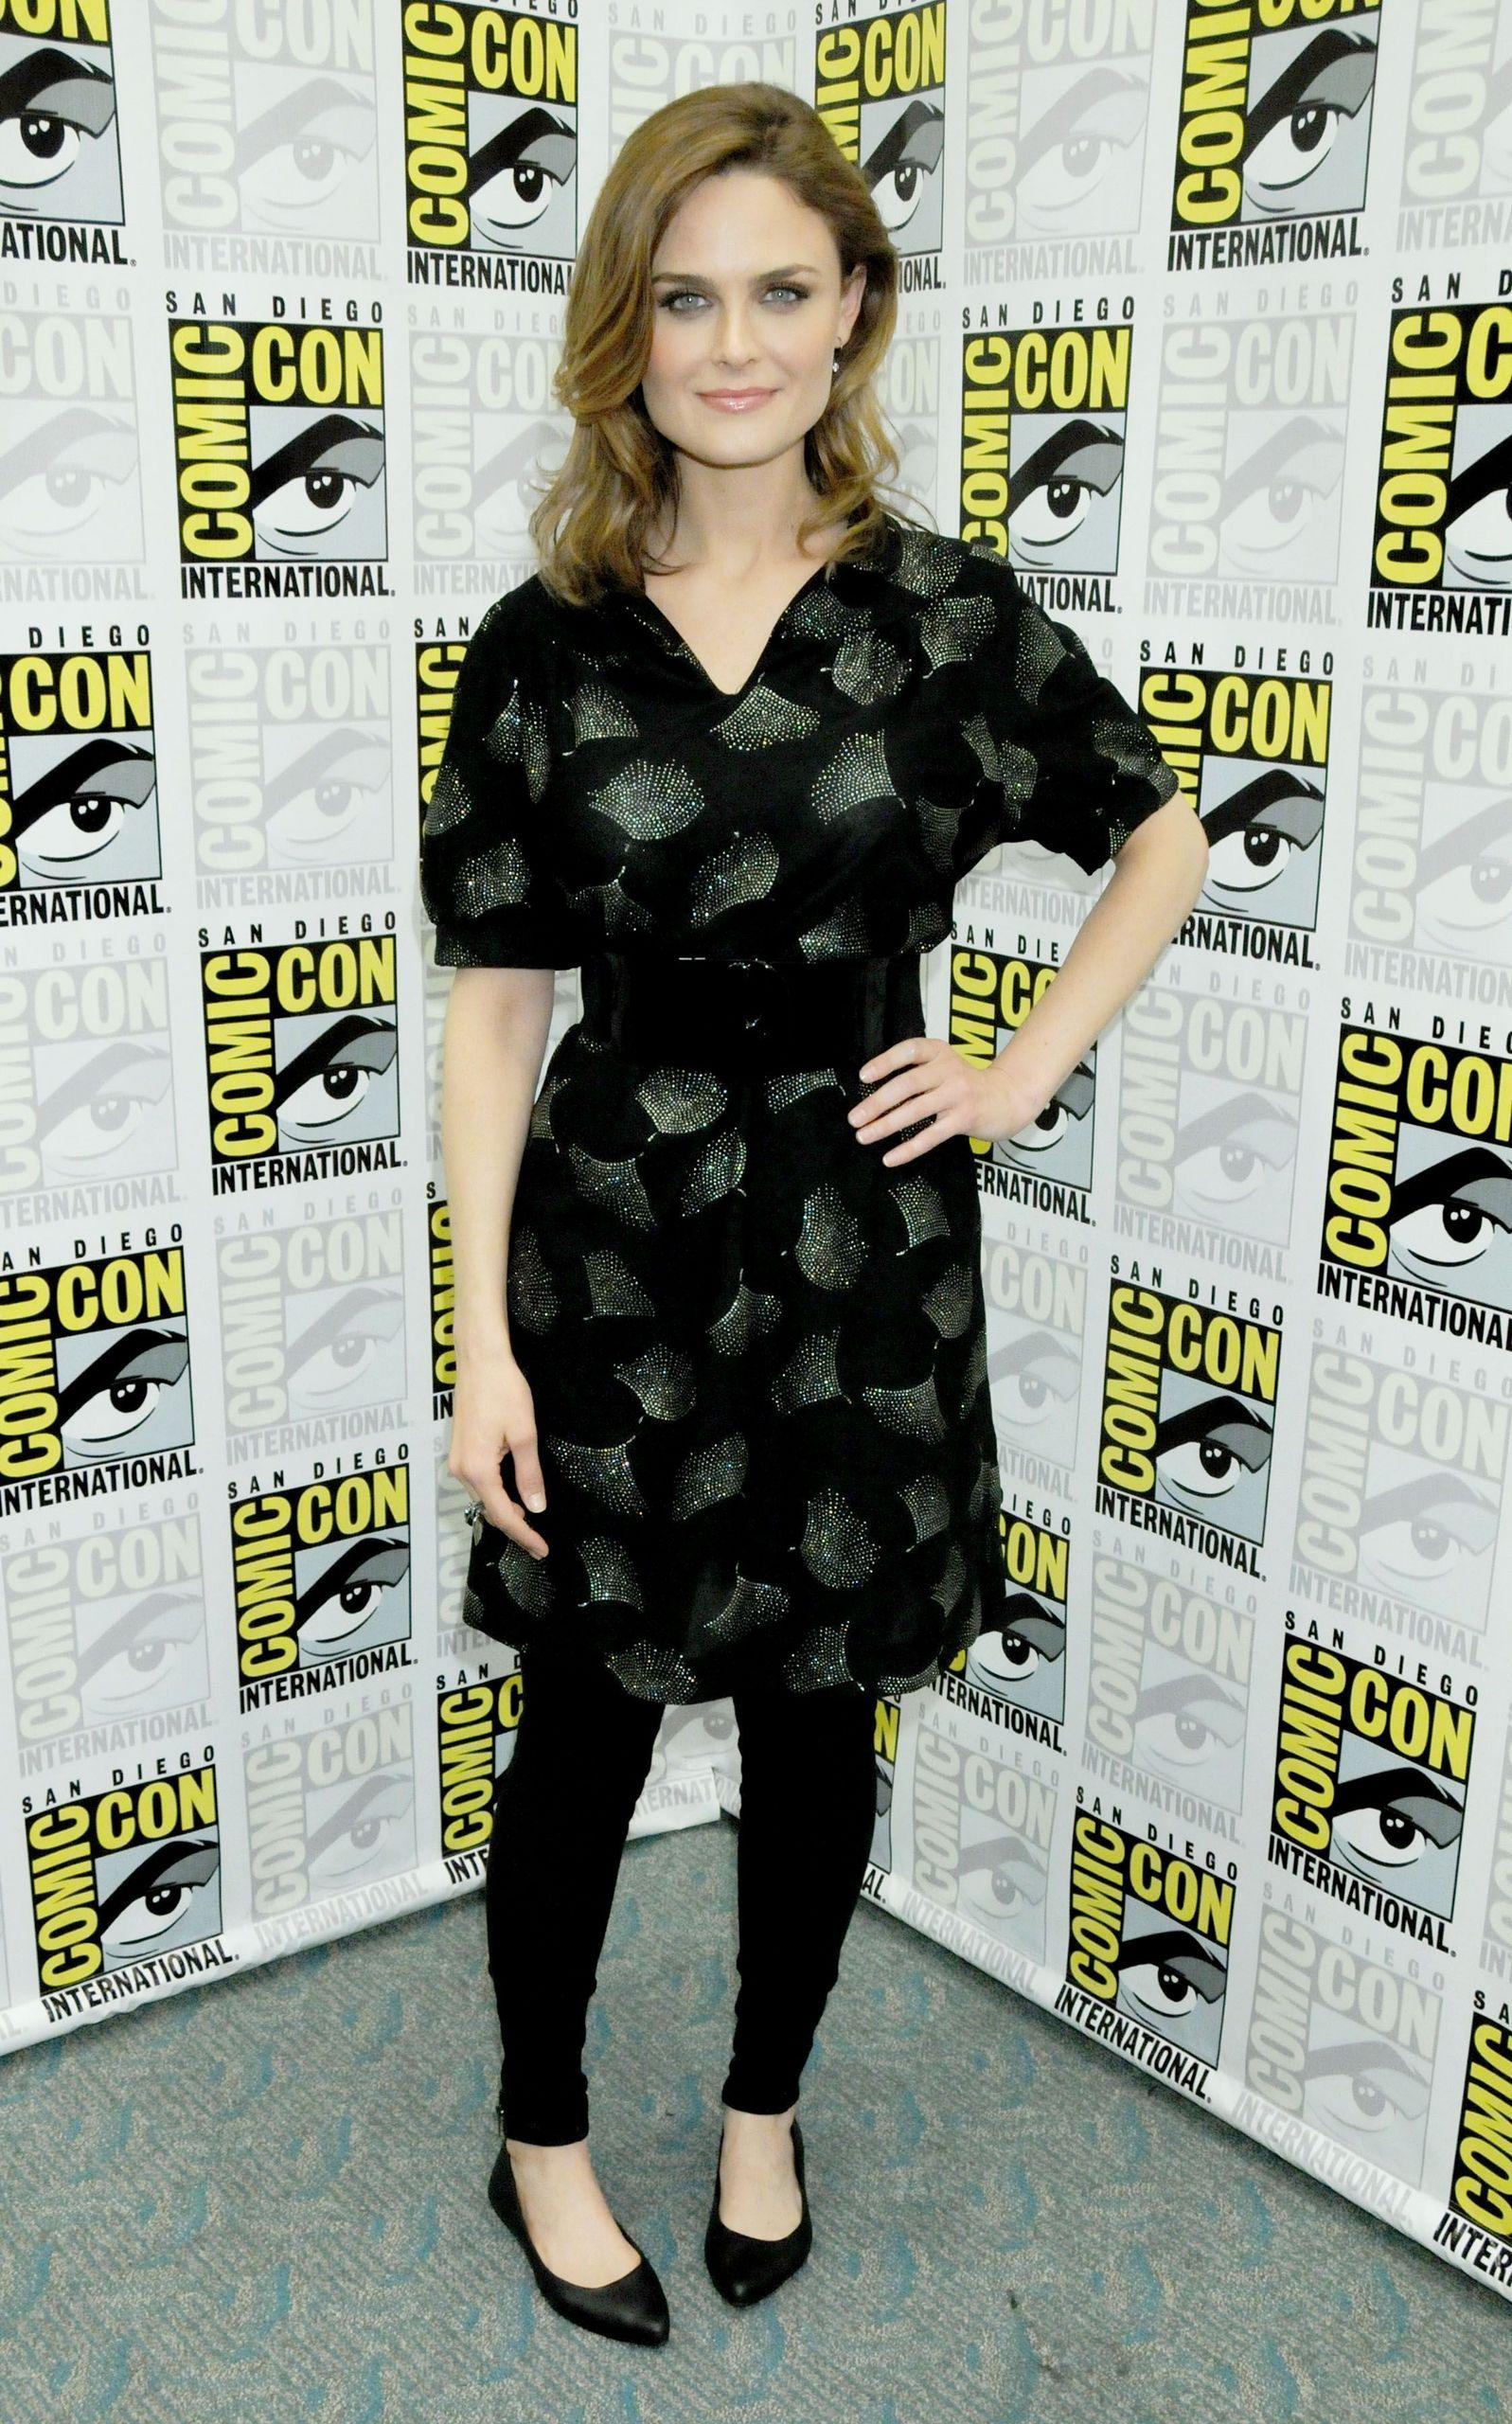 Emily Deschanel @ Comic-con 2009